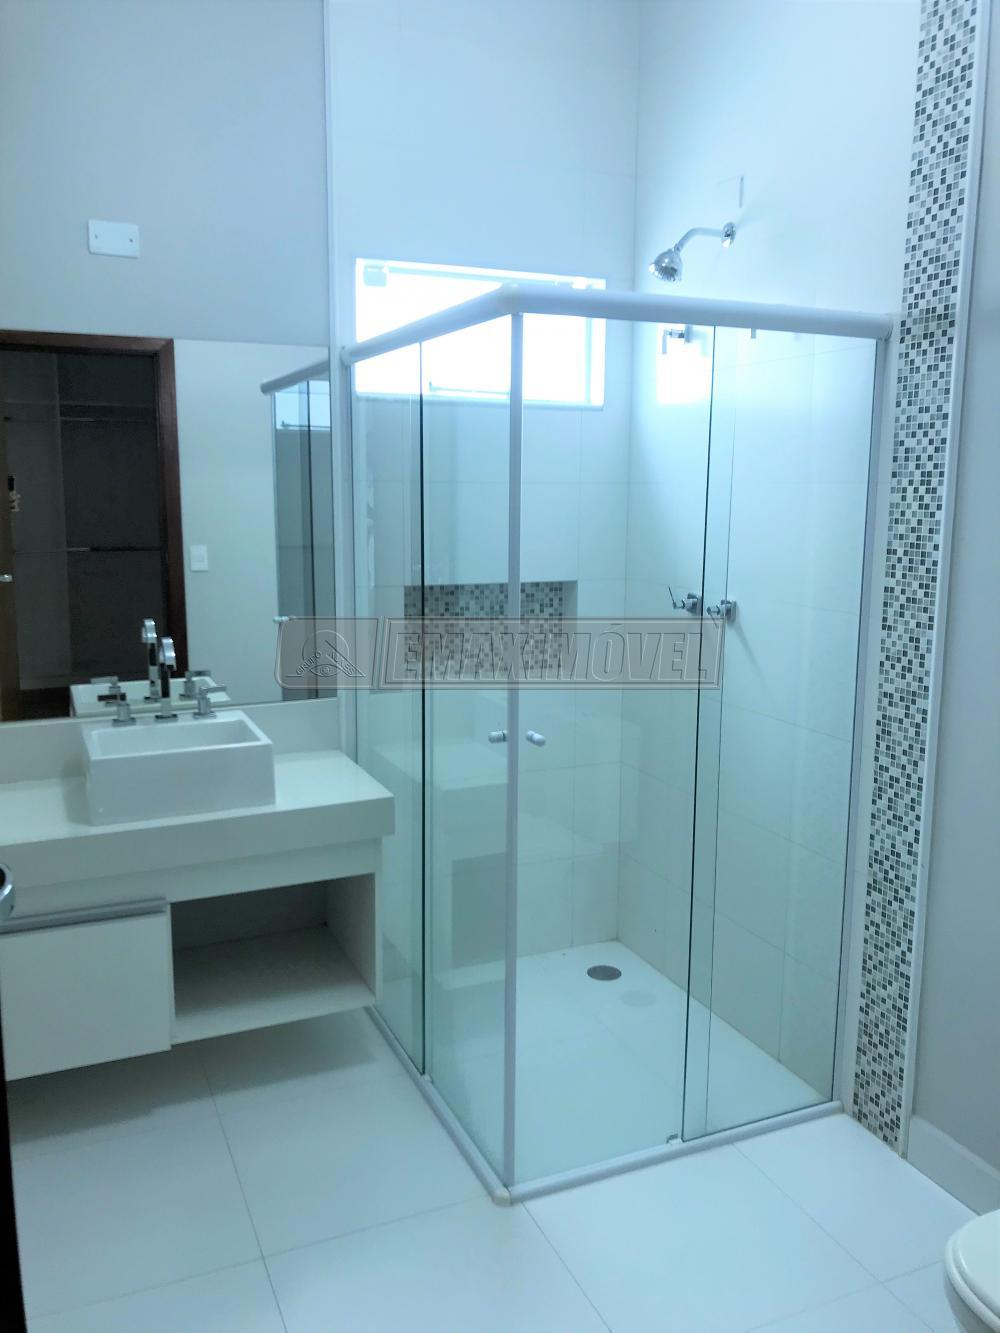 Alugar Casas / em Condomínios em Sorocaba apenas R$ 5.900,00 - Foto 14